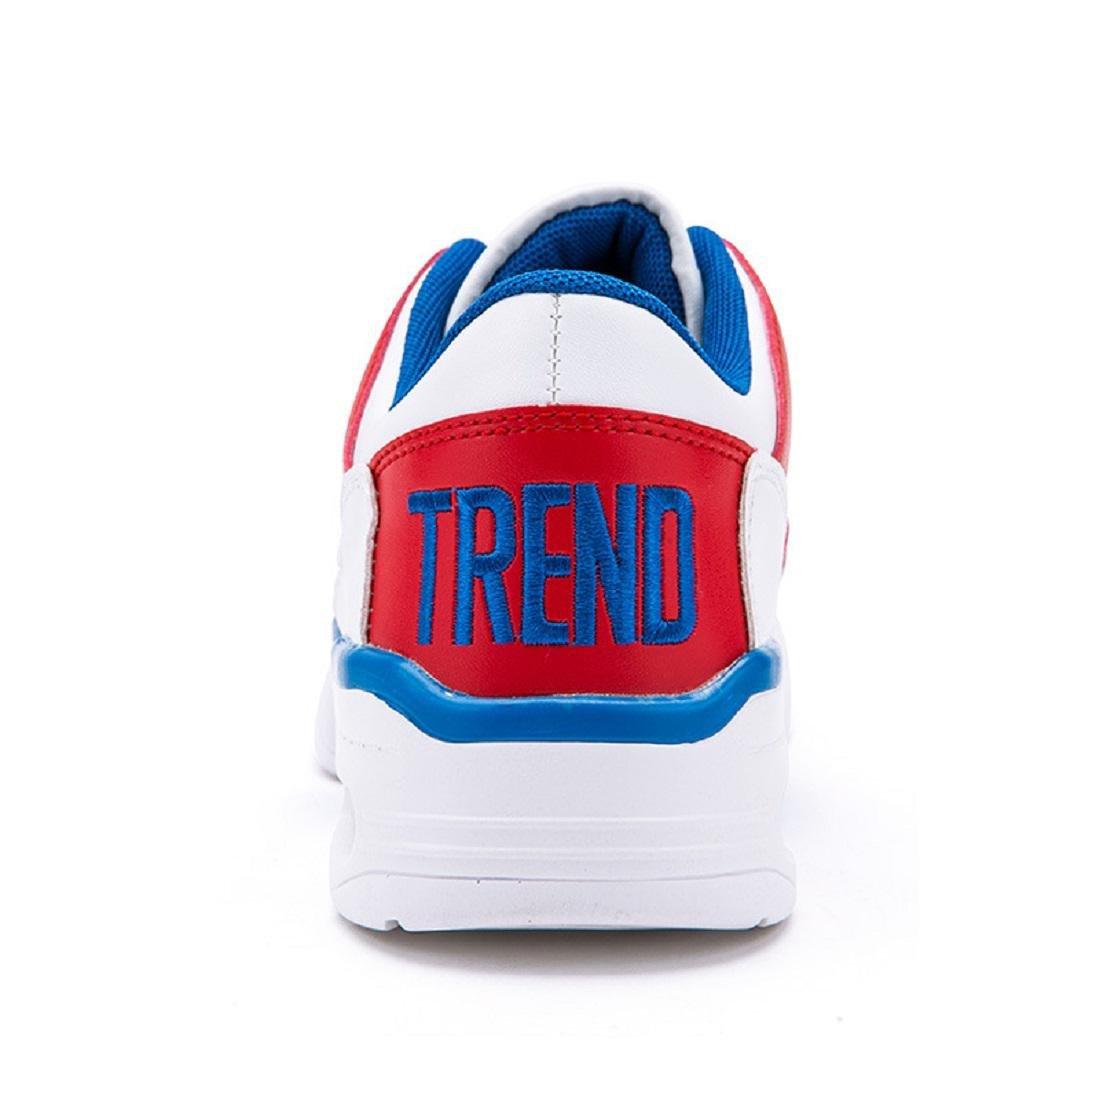 Herren Mode Sportschuhe Dicker Boden Schuhe Schuhe Schuhe erhöhen Trainer Basketball Schuhe Laufschuhe Rutschfest EUR GRÖSSE 39-44 5accd2